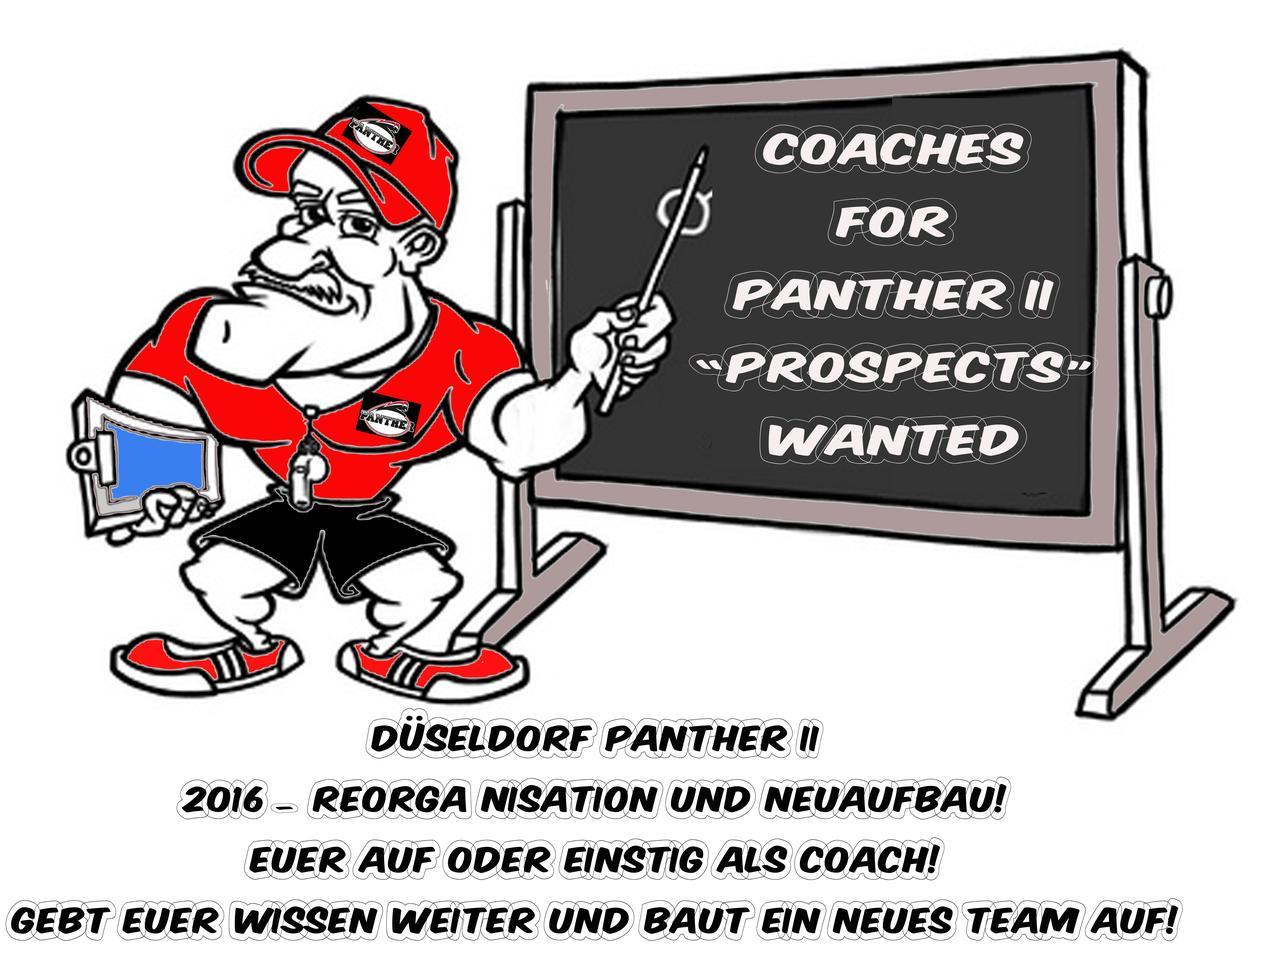 Coaching Staff für Panther II gesucht